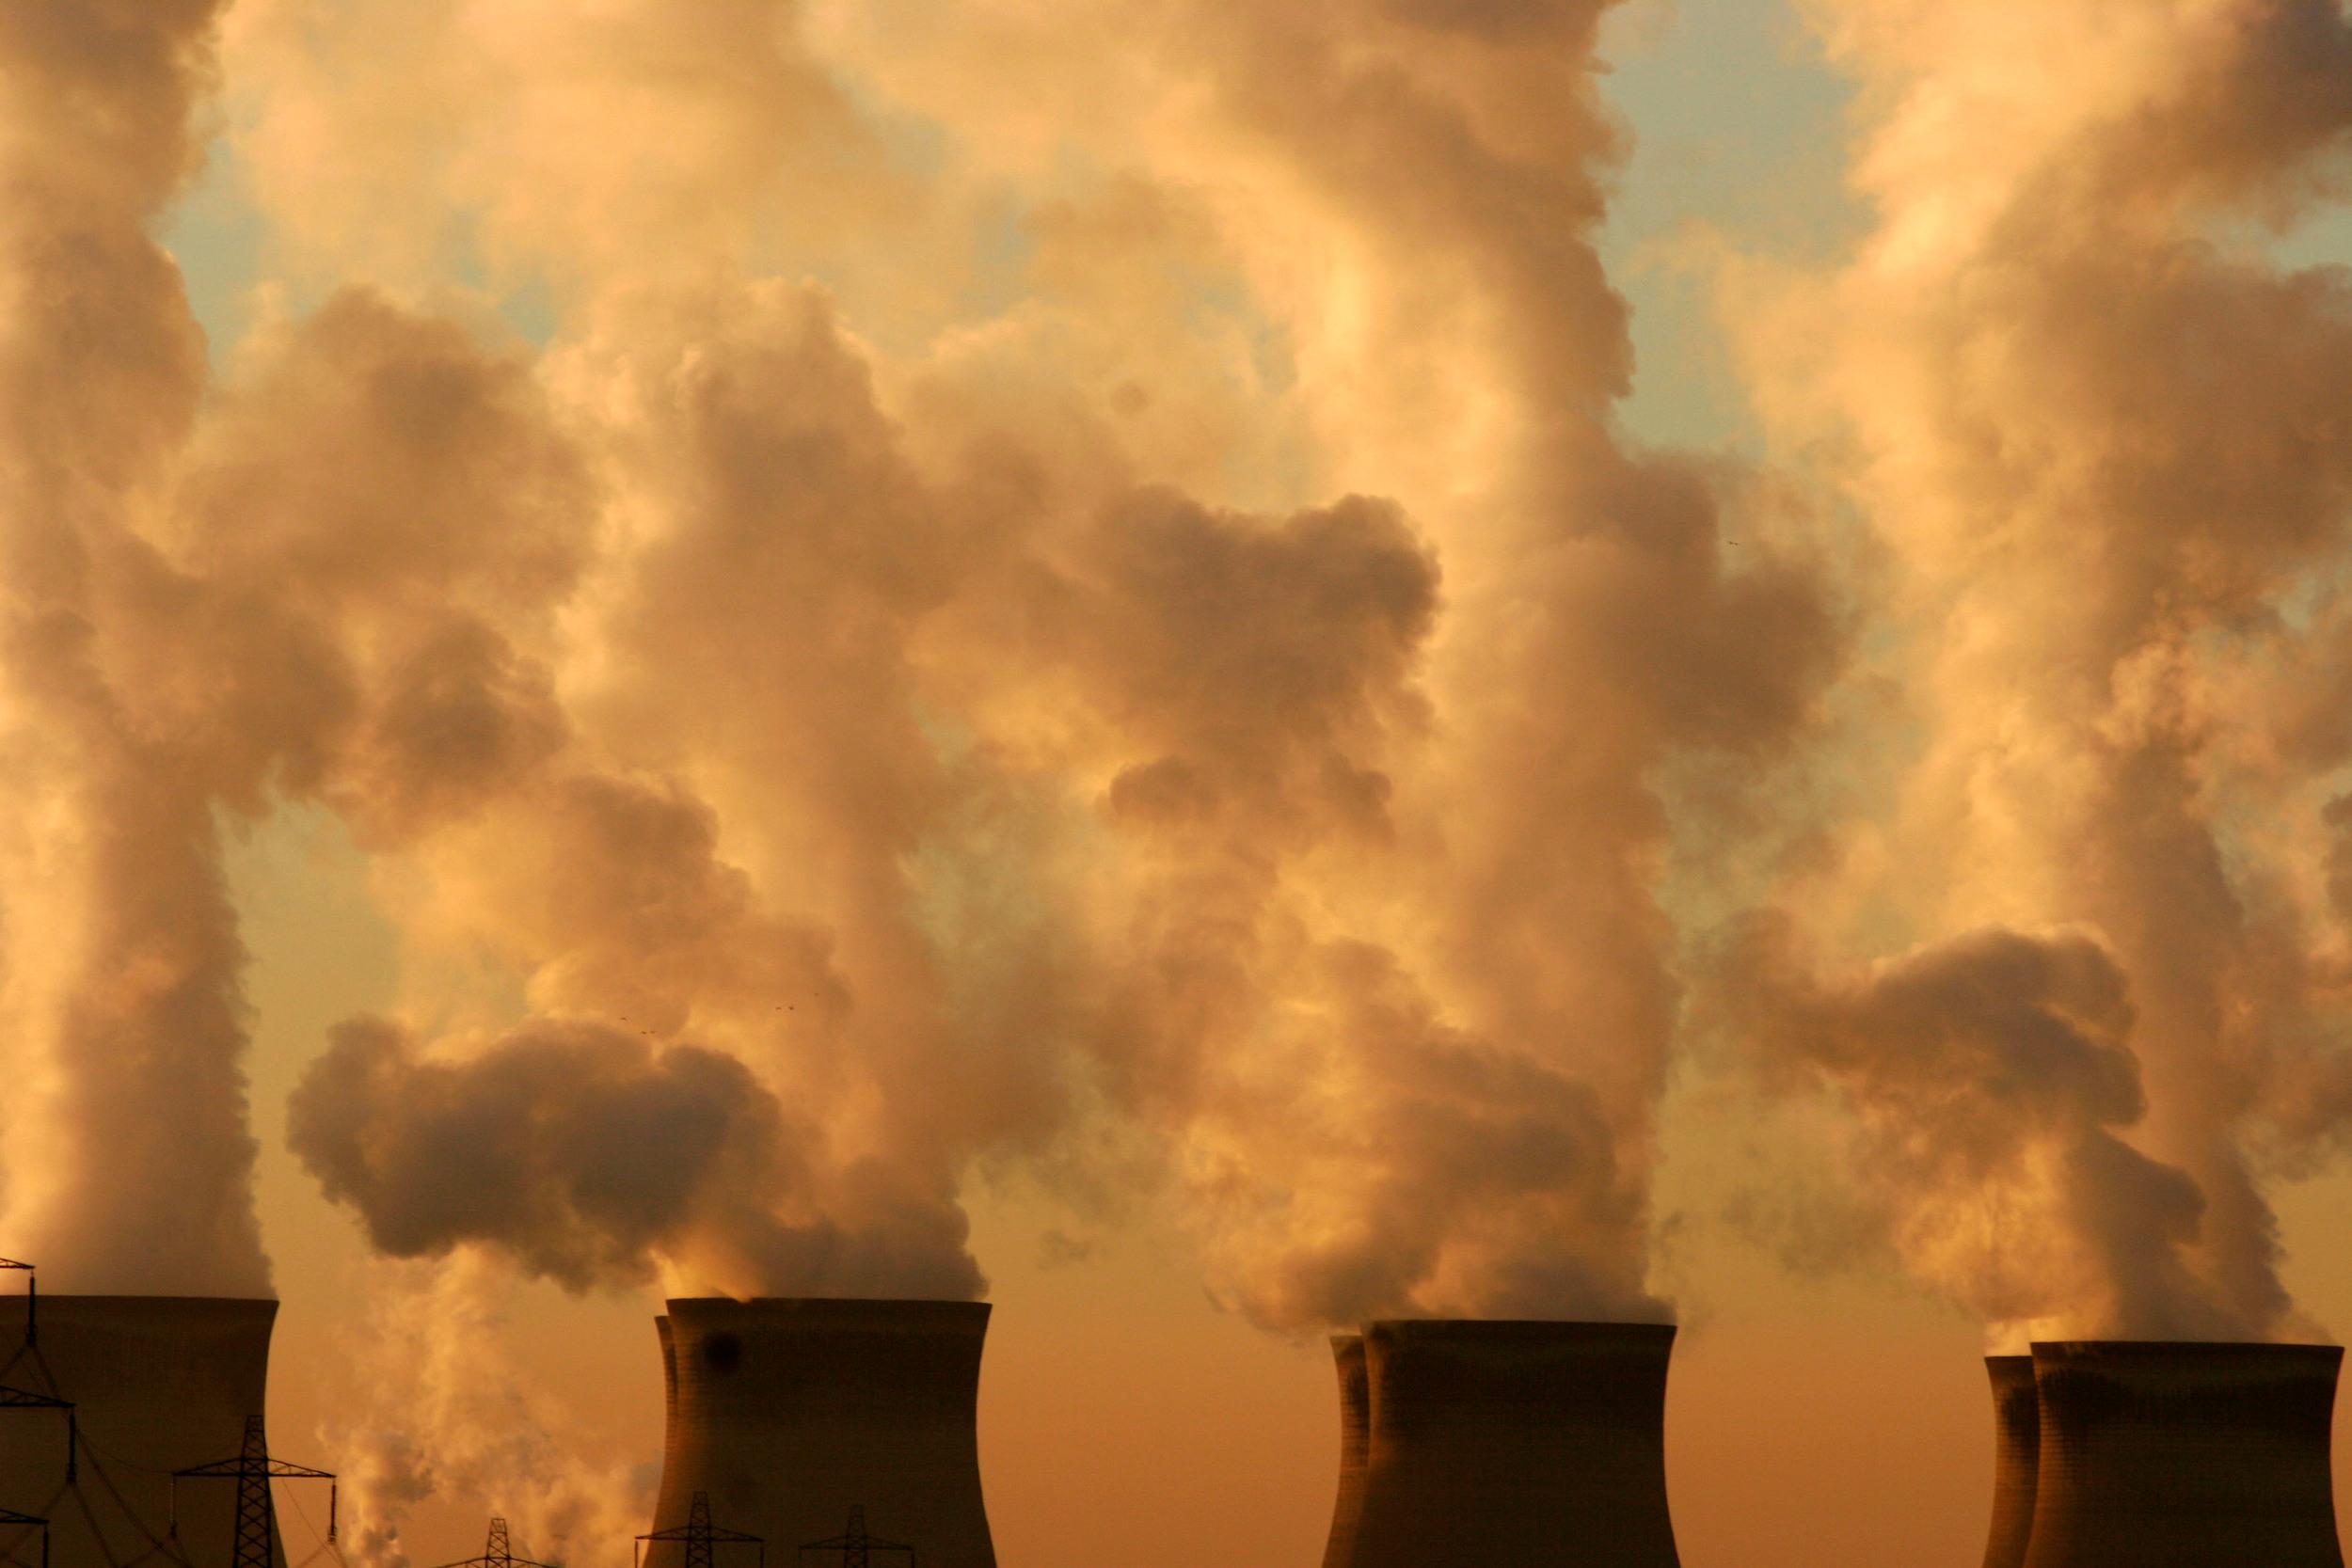 smokey chimneys